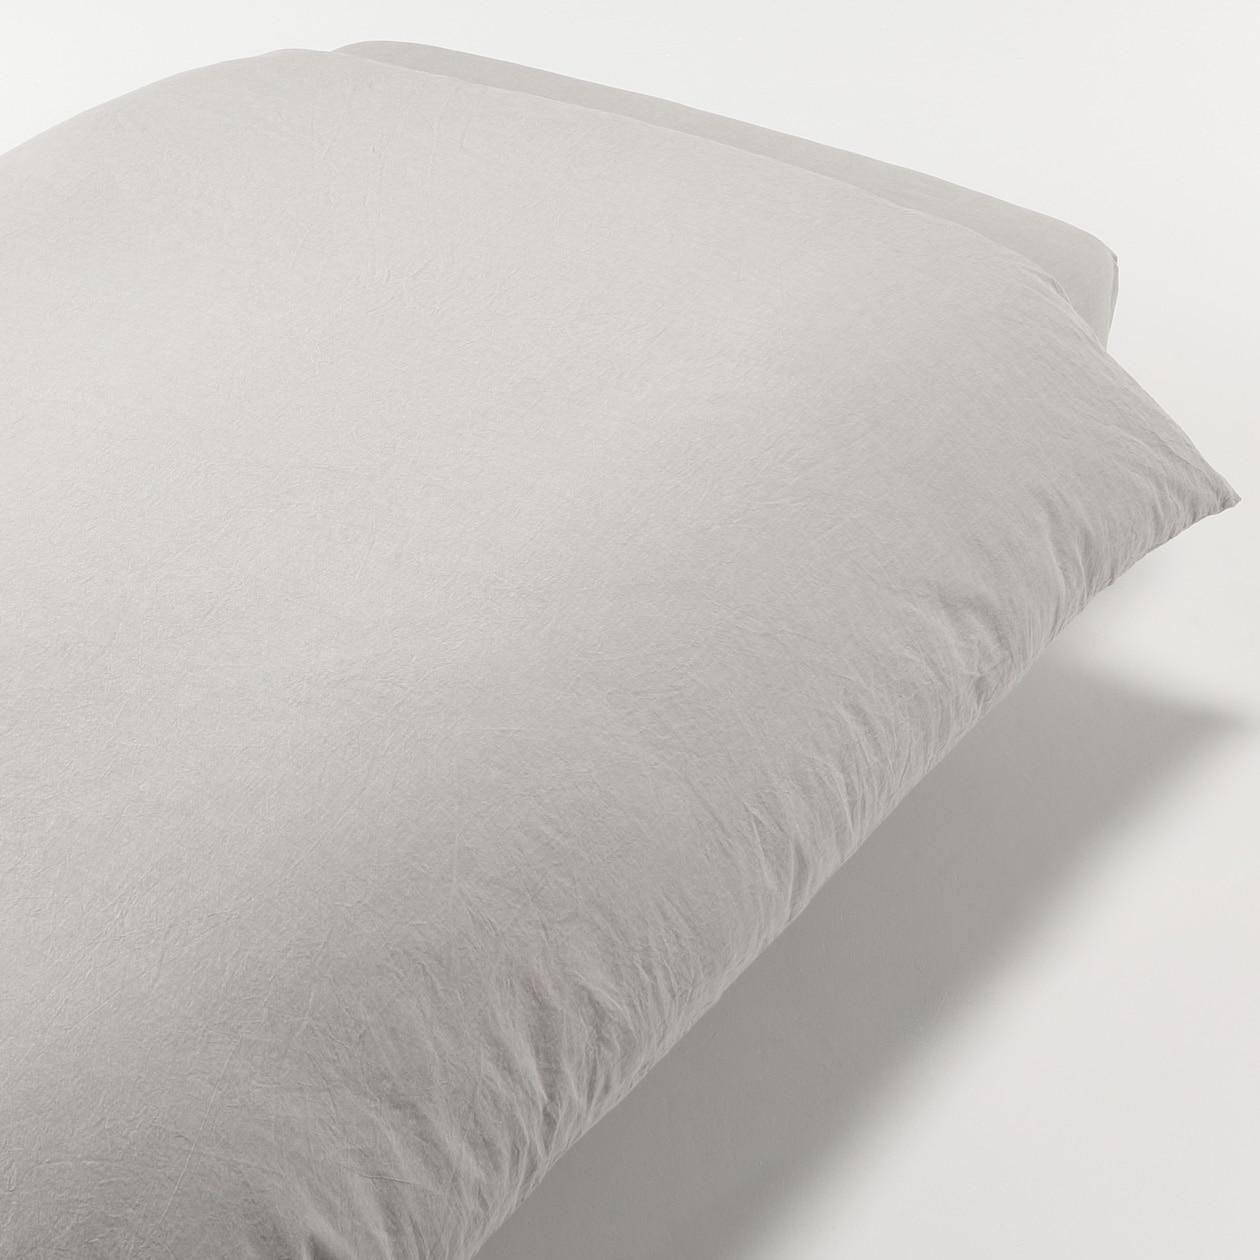 RoomClip商品情報 - オーガニックコットン洗いざらし掛ふとんカバー・S/ベージュ S/ベージュ